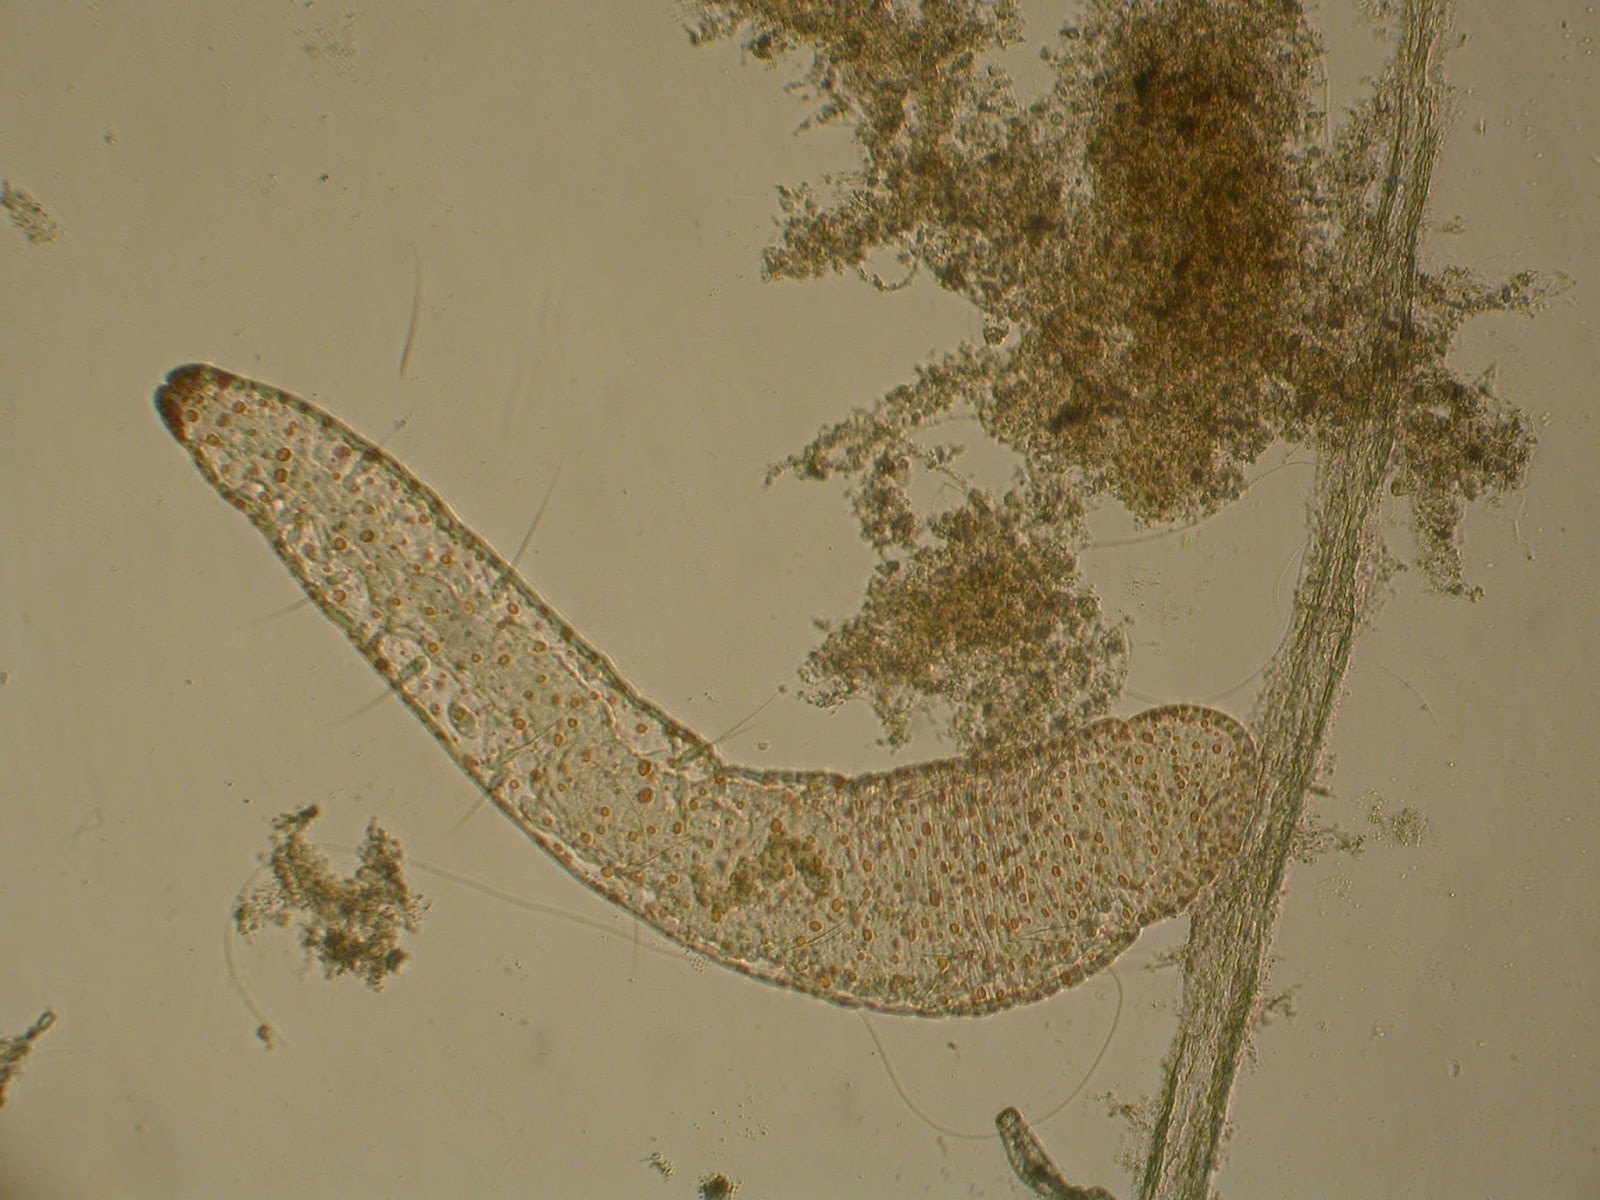 férgek, mint a rajzok az észlelt rovar paraziták megsemmisítése